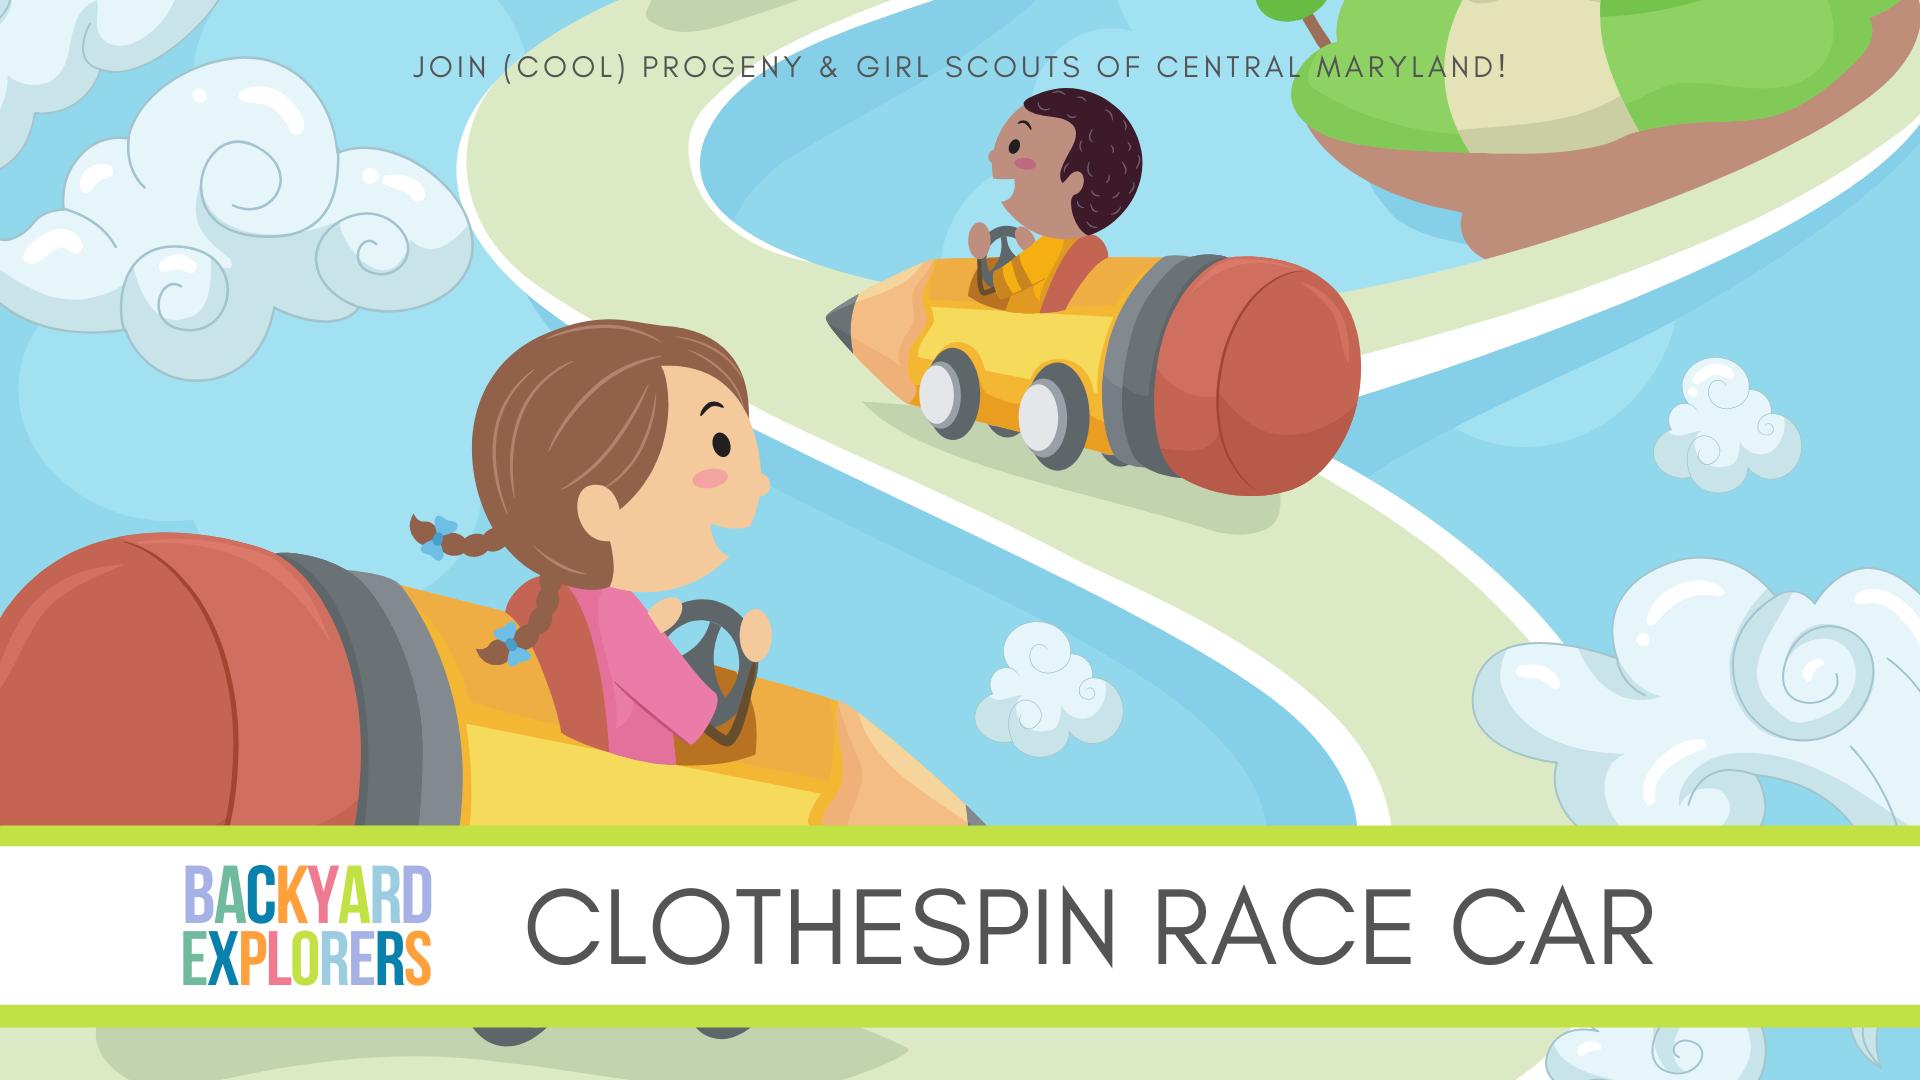 DIY Clothespin Race Car